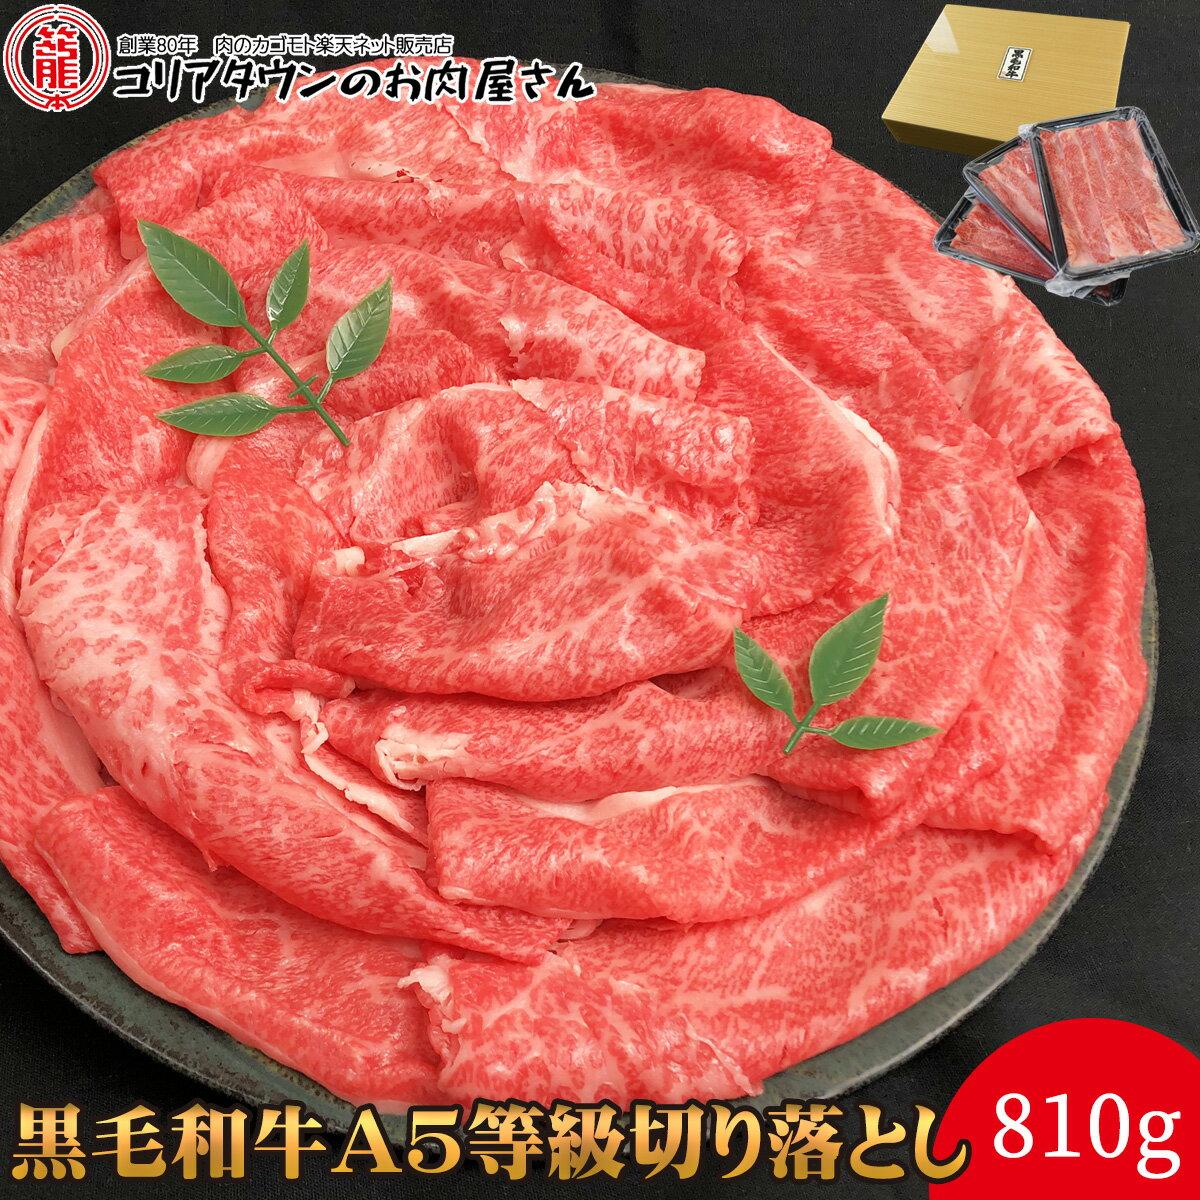 黒毛和牛A5等級切り落とし 810g(270g×3P)【送料無料】